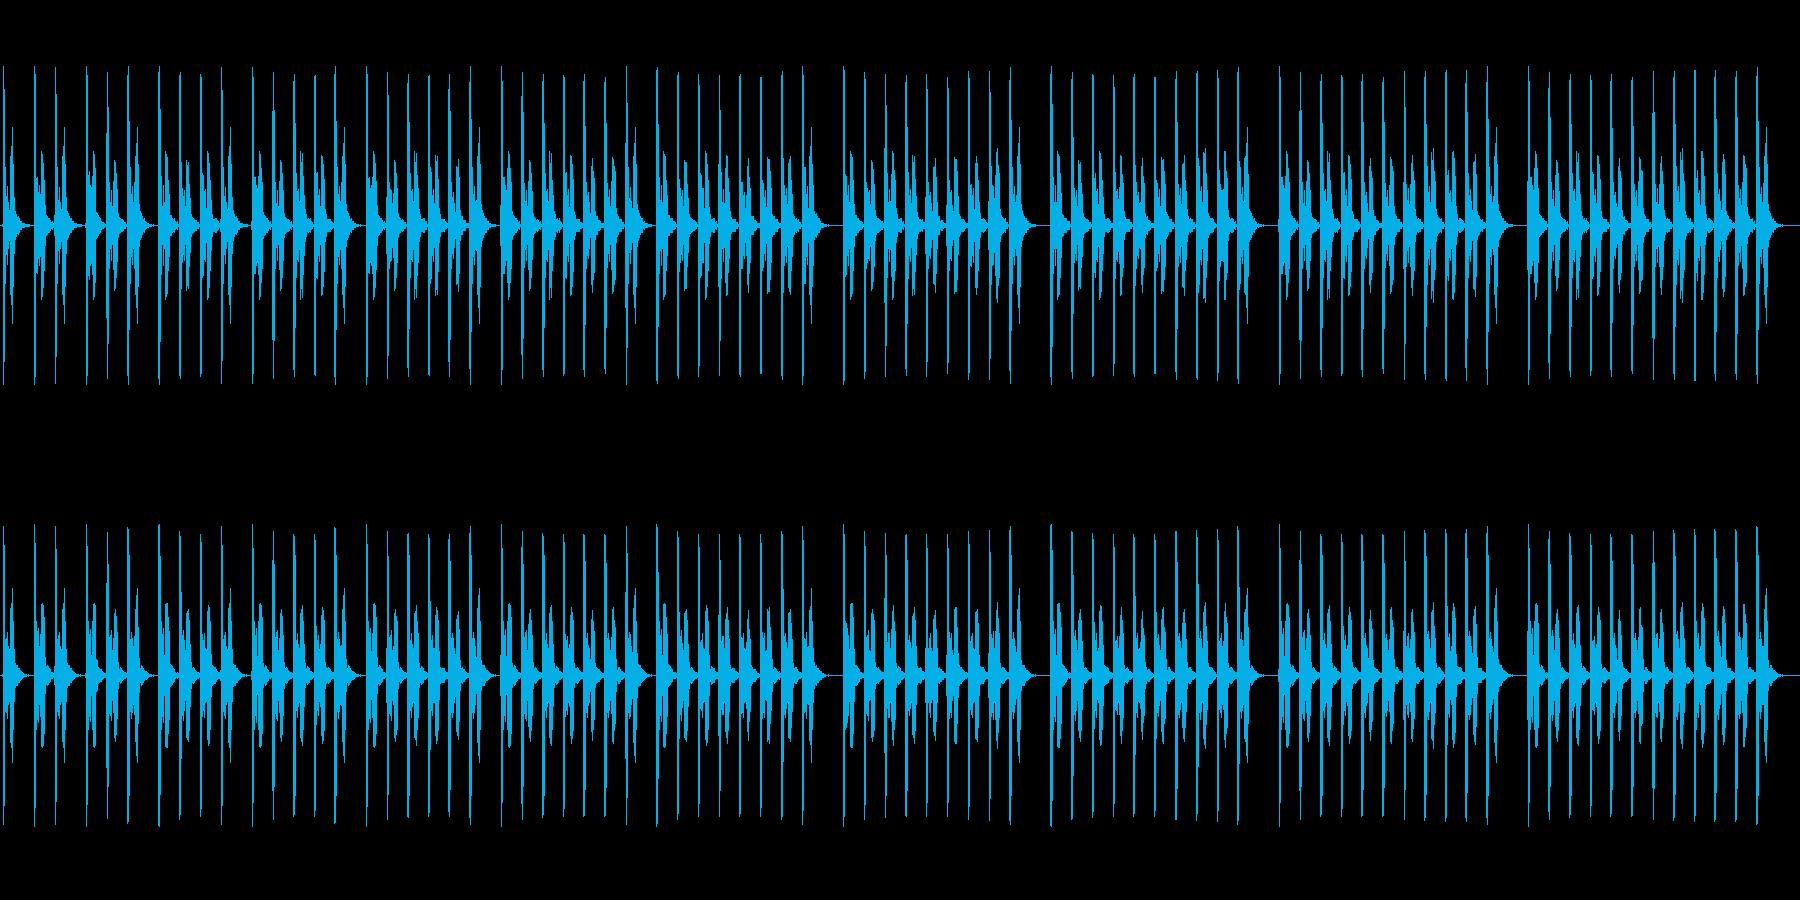 (ポッポ)レトロな鳩時計の時報の再生済みの波形